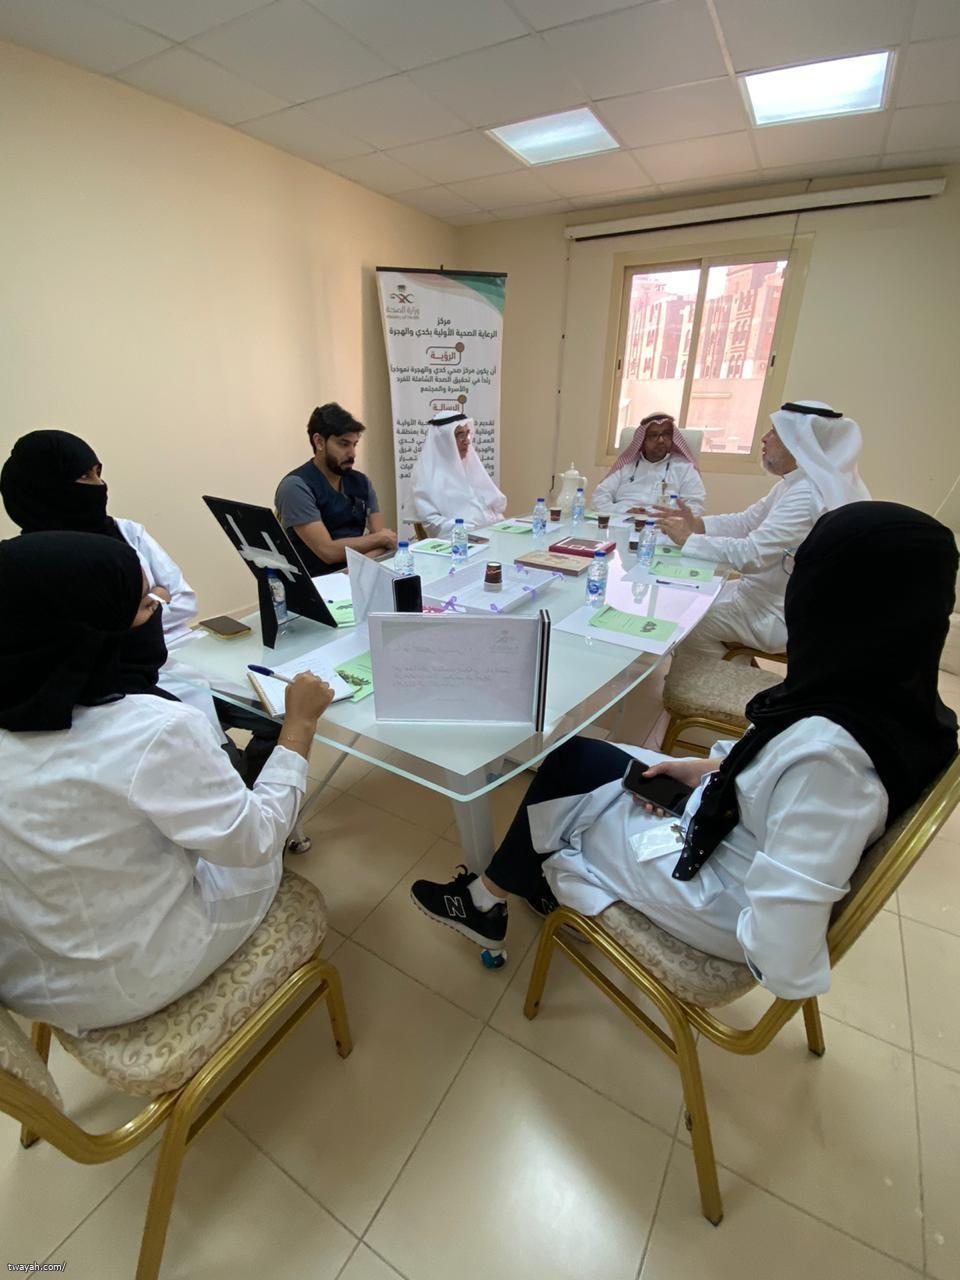 مركز صحي كدي والهجرة يستضيف فريق التمكين المجتمعي لخطة مشاريع ٢٠٢٠ م